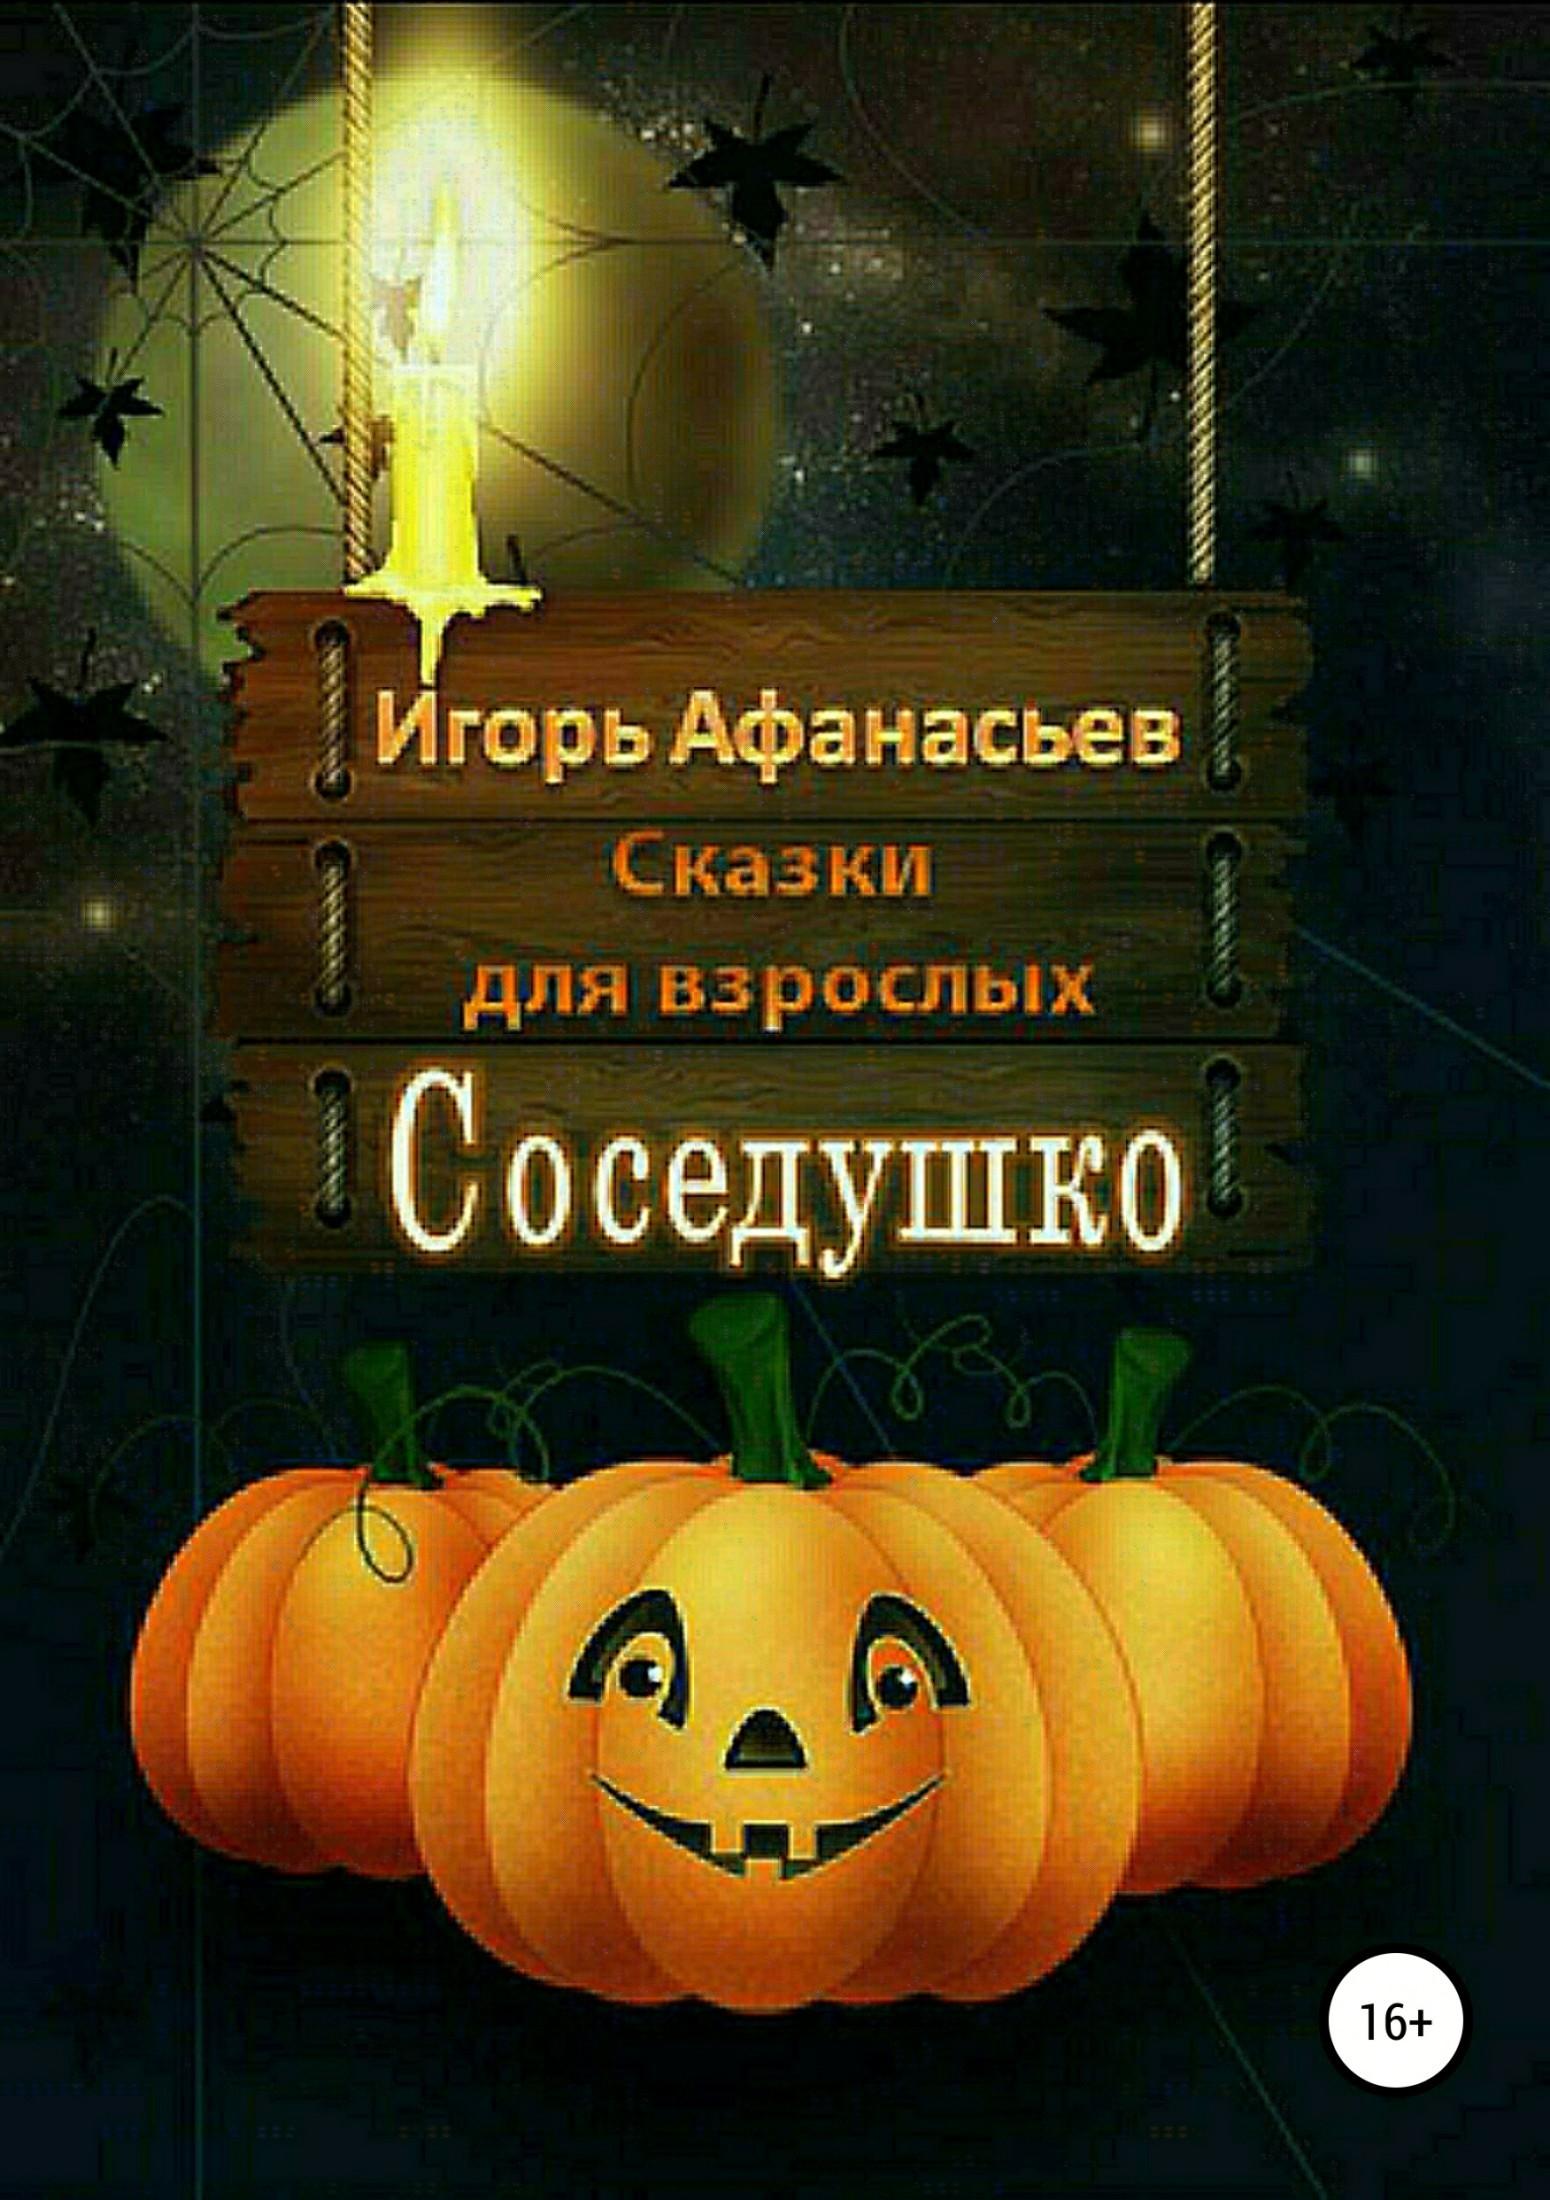 Русские заветные сказки Сказки для взрослых Скачать